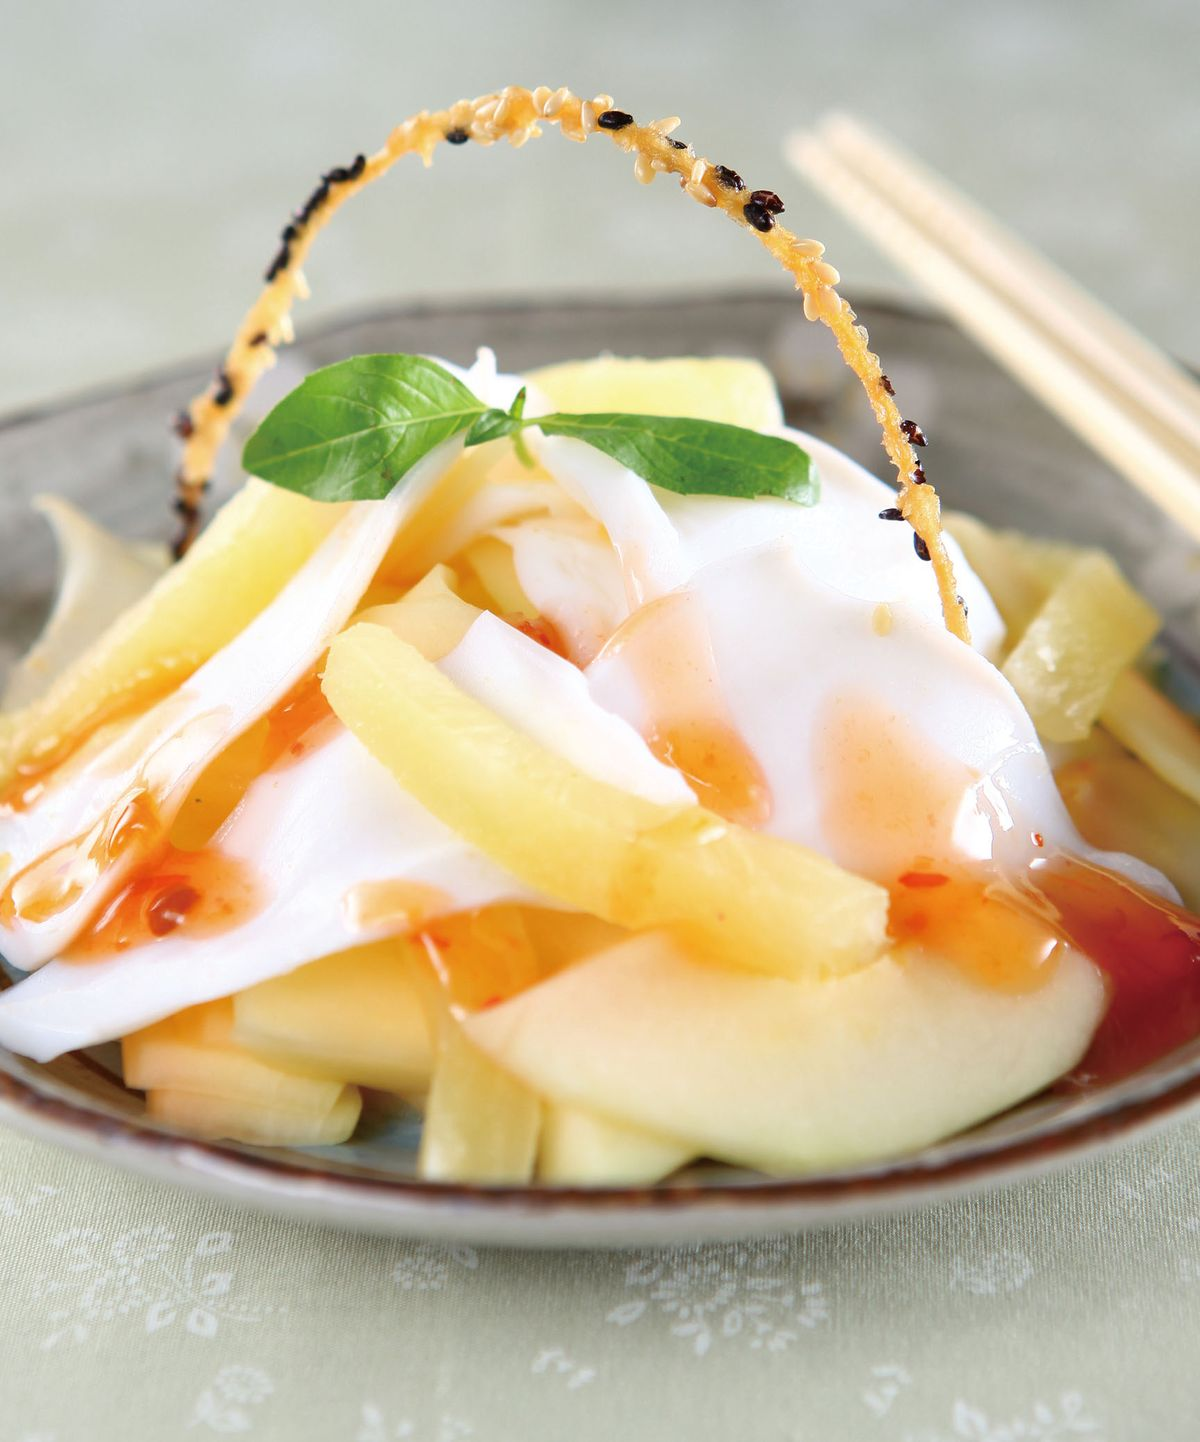 食譜:酸辣木瓜拌花枝